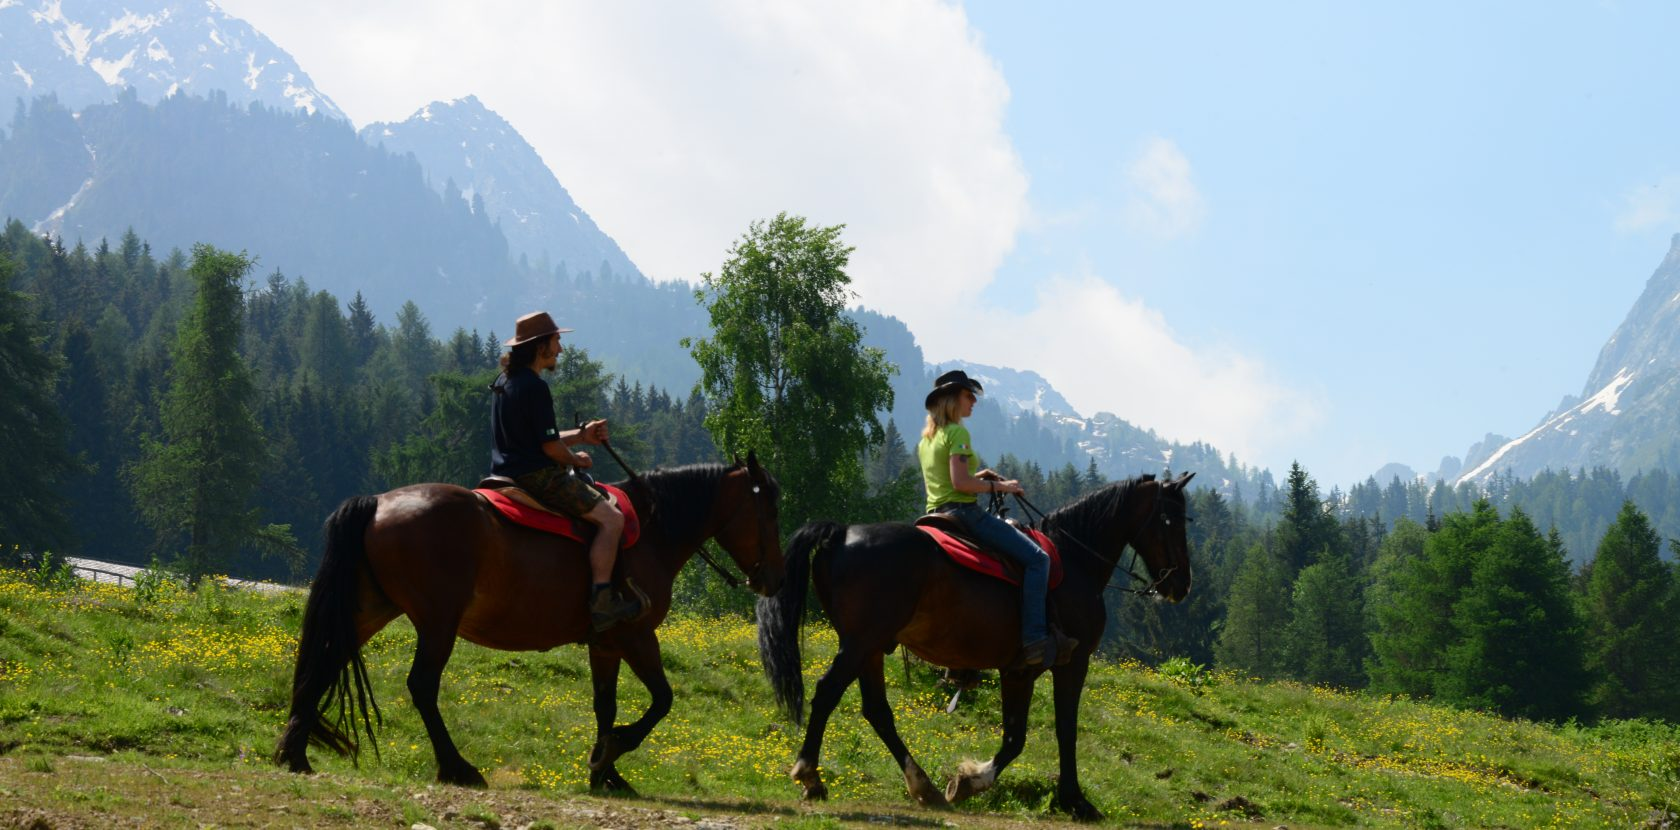 passeggiata con cavalli